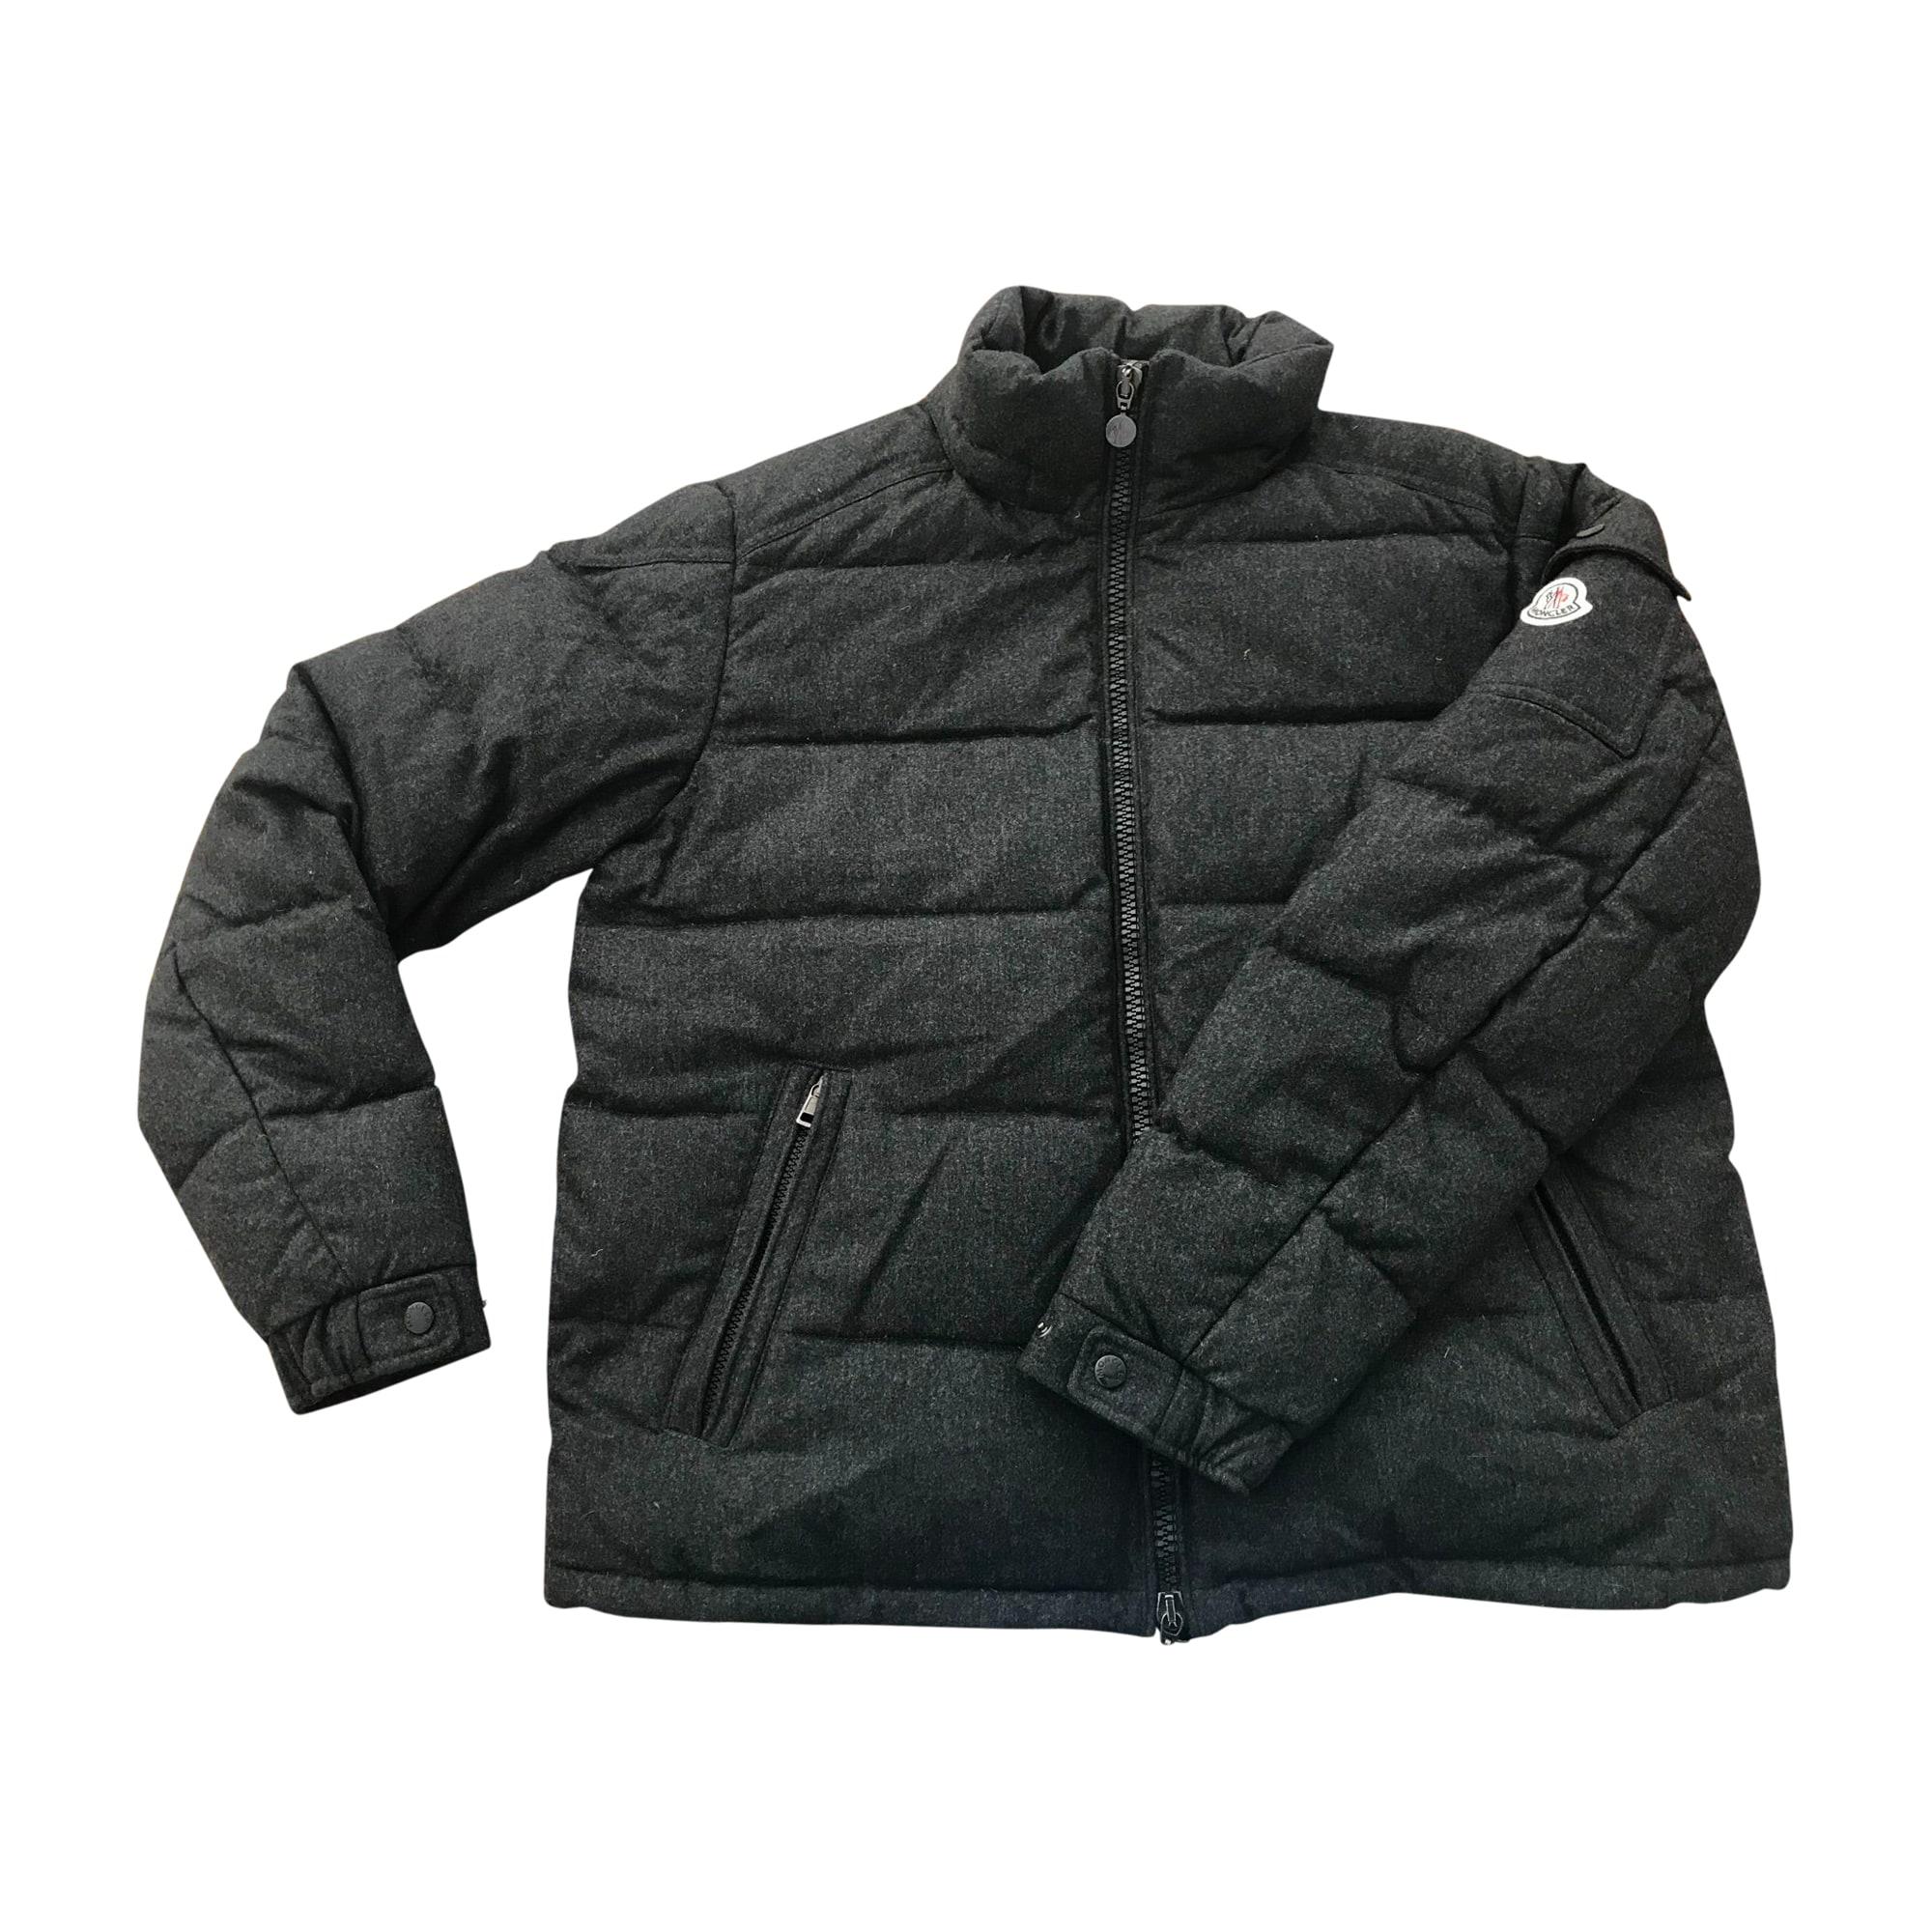 Doudoune MONCLER 52 (L) gris - 8218051 125525a8dd2